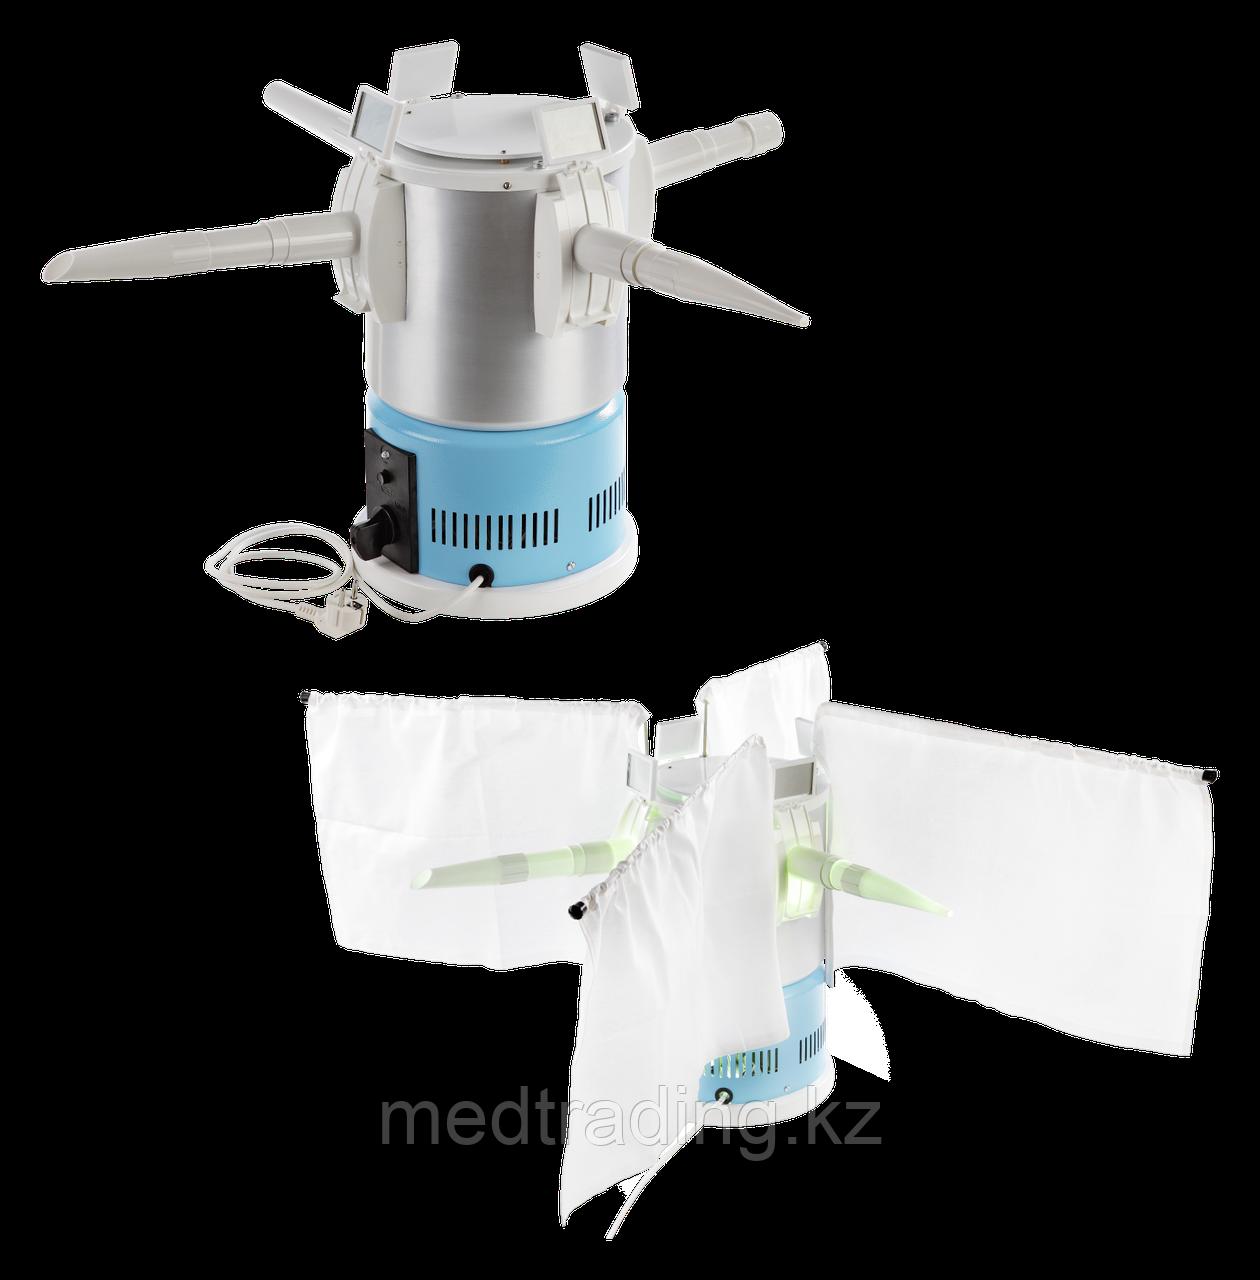 """Облучатель ультрафиолетовый стационарный для облучения верхних дыхательных путей и полости уха ОУФну-""""ЭМА-Е"""""""